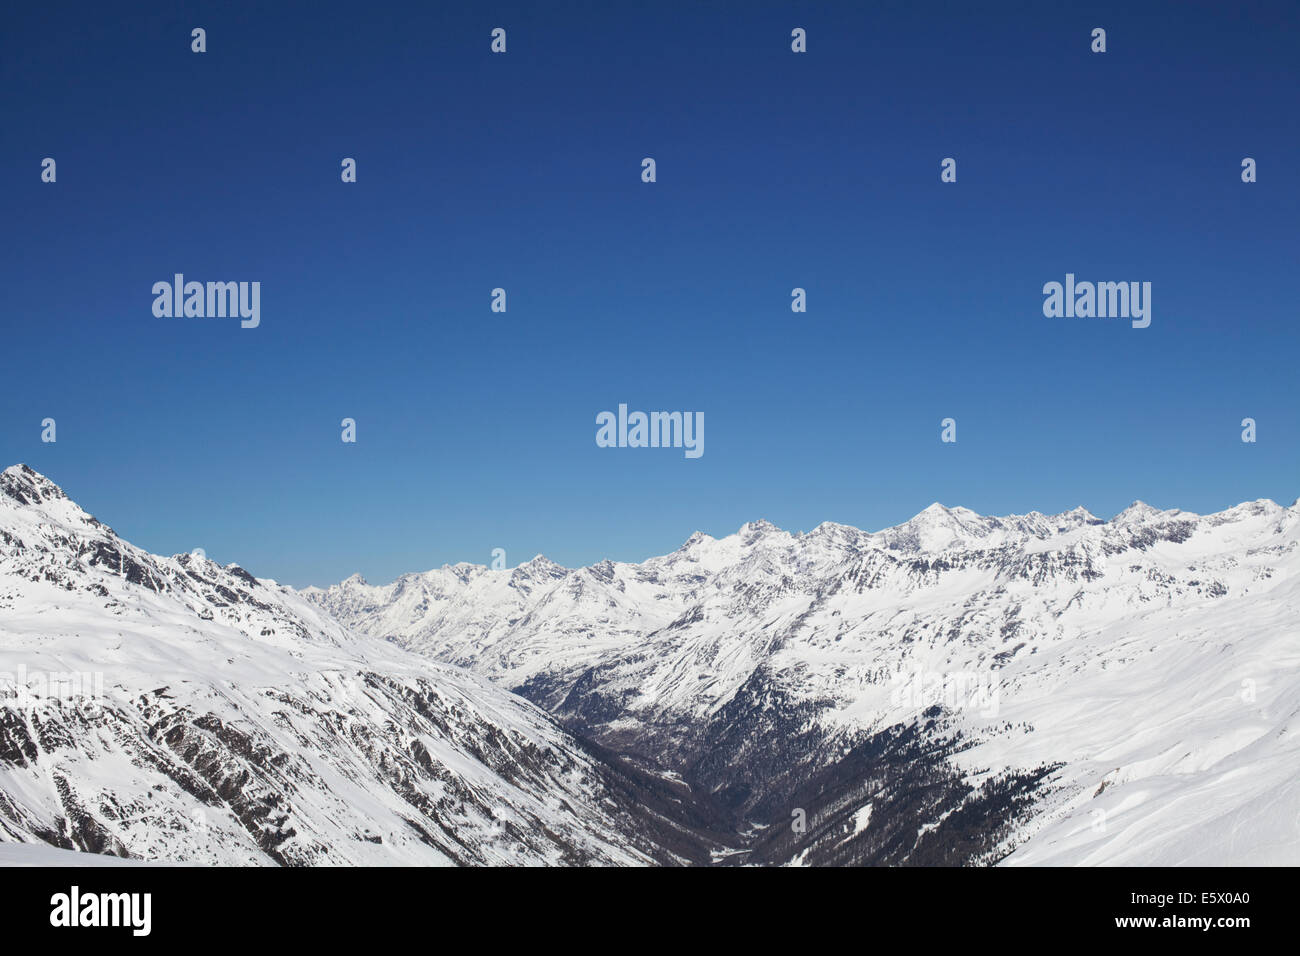 Vista de los nevados de la cordillera, Austria Imagen De Stock